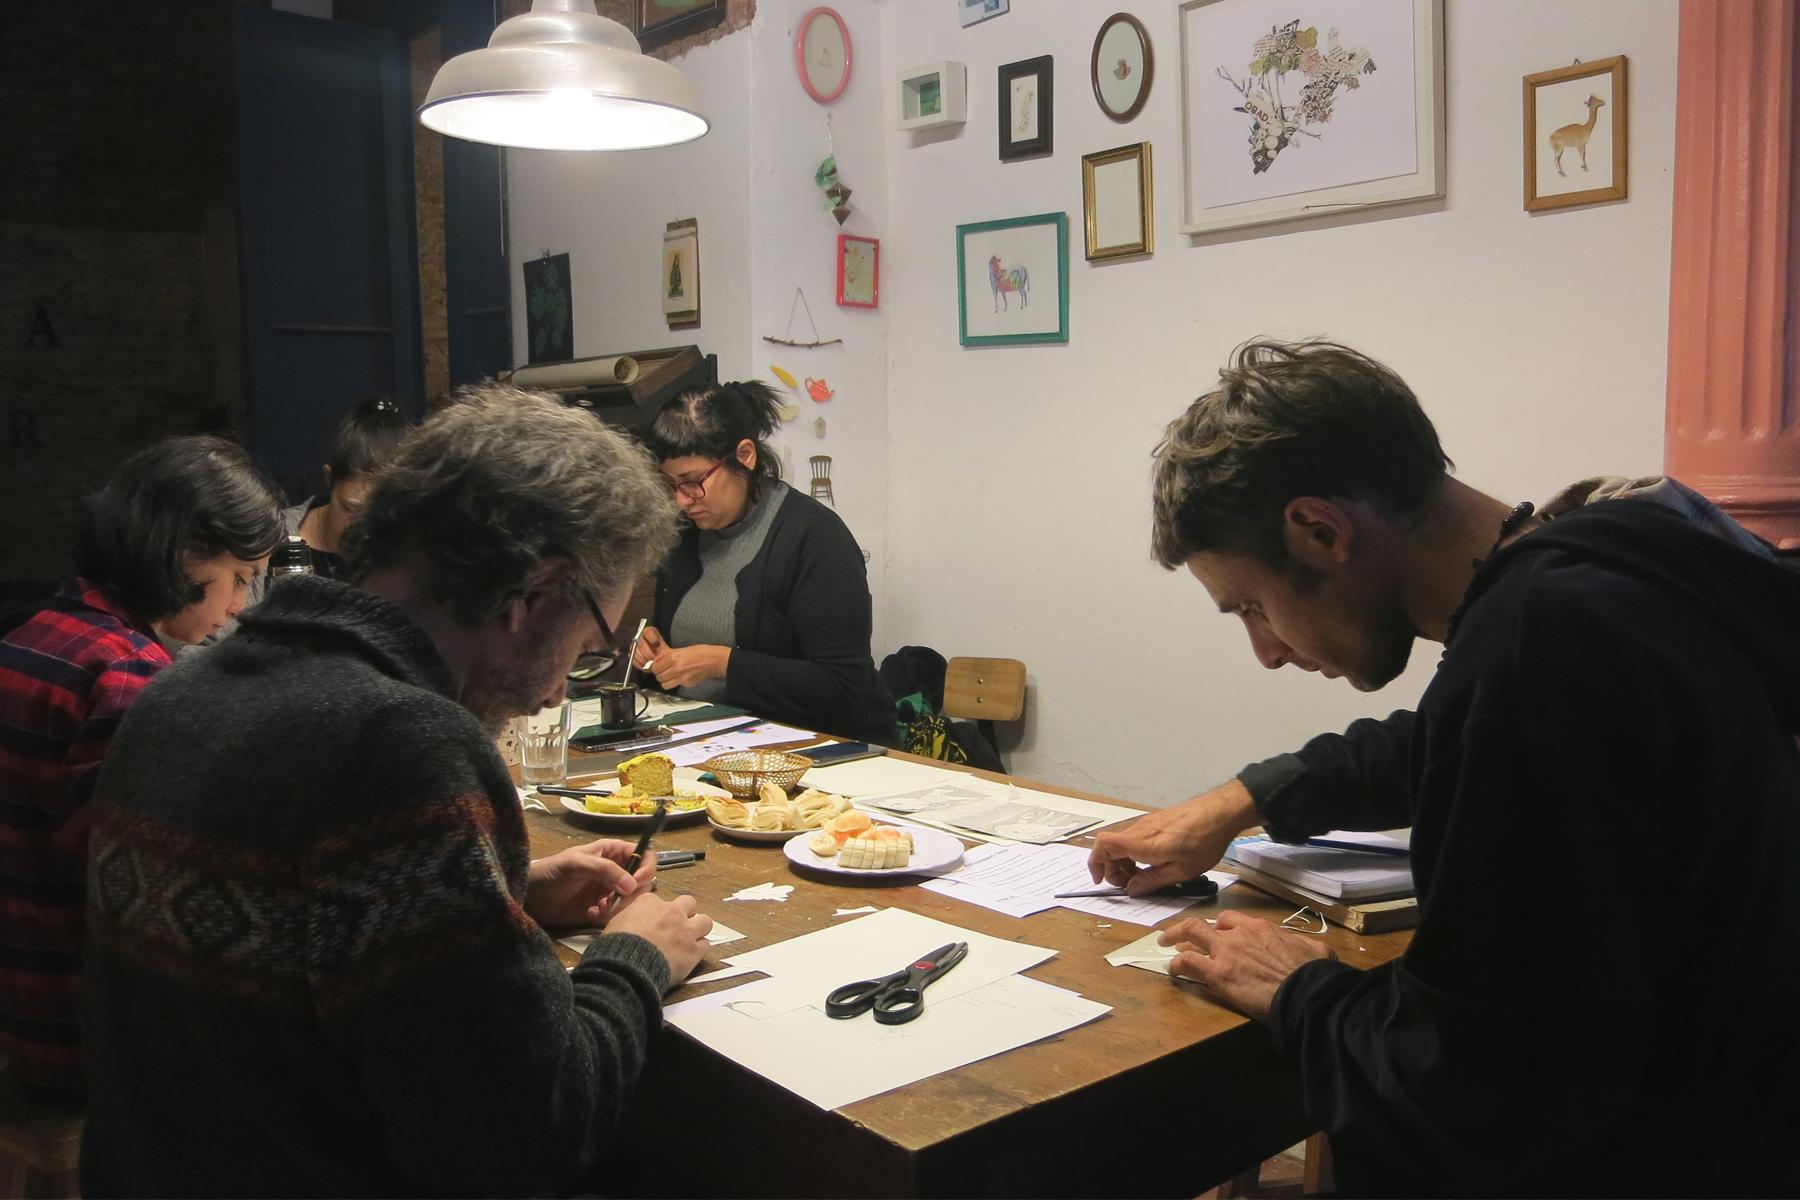 1-iluspress-ilustracion-fotopolimeros-grabado-taller-letra-por-letra-papel-principal-letterpress-imprenta-tipografica-1.jpg